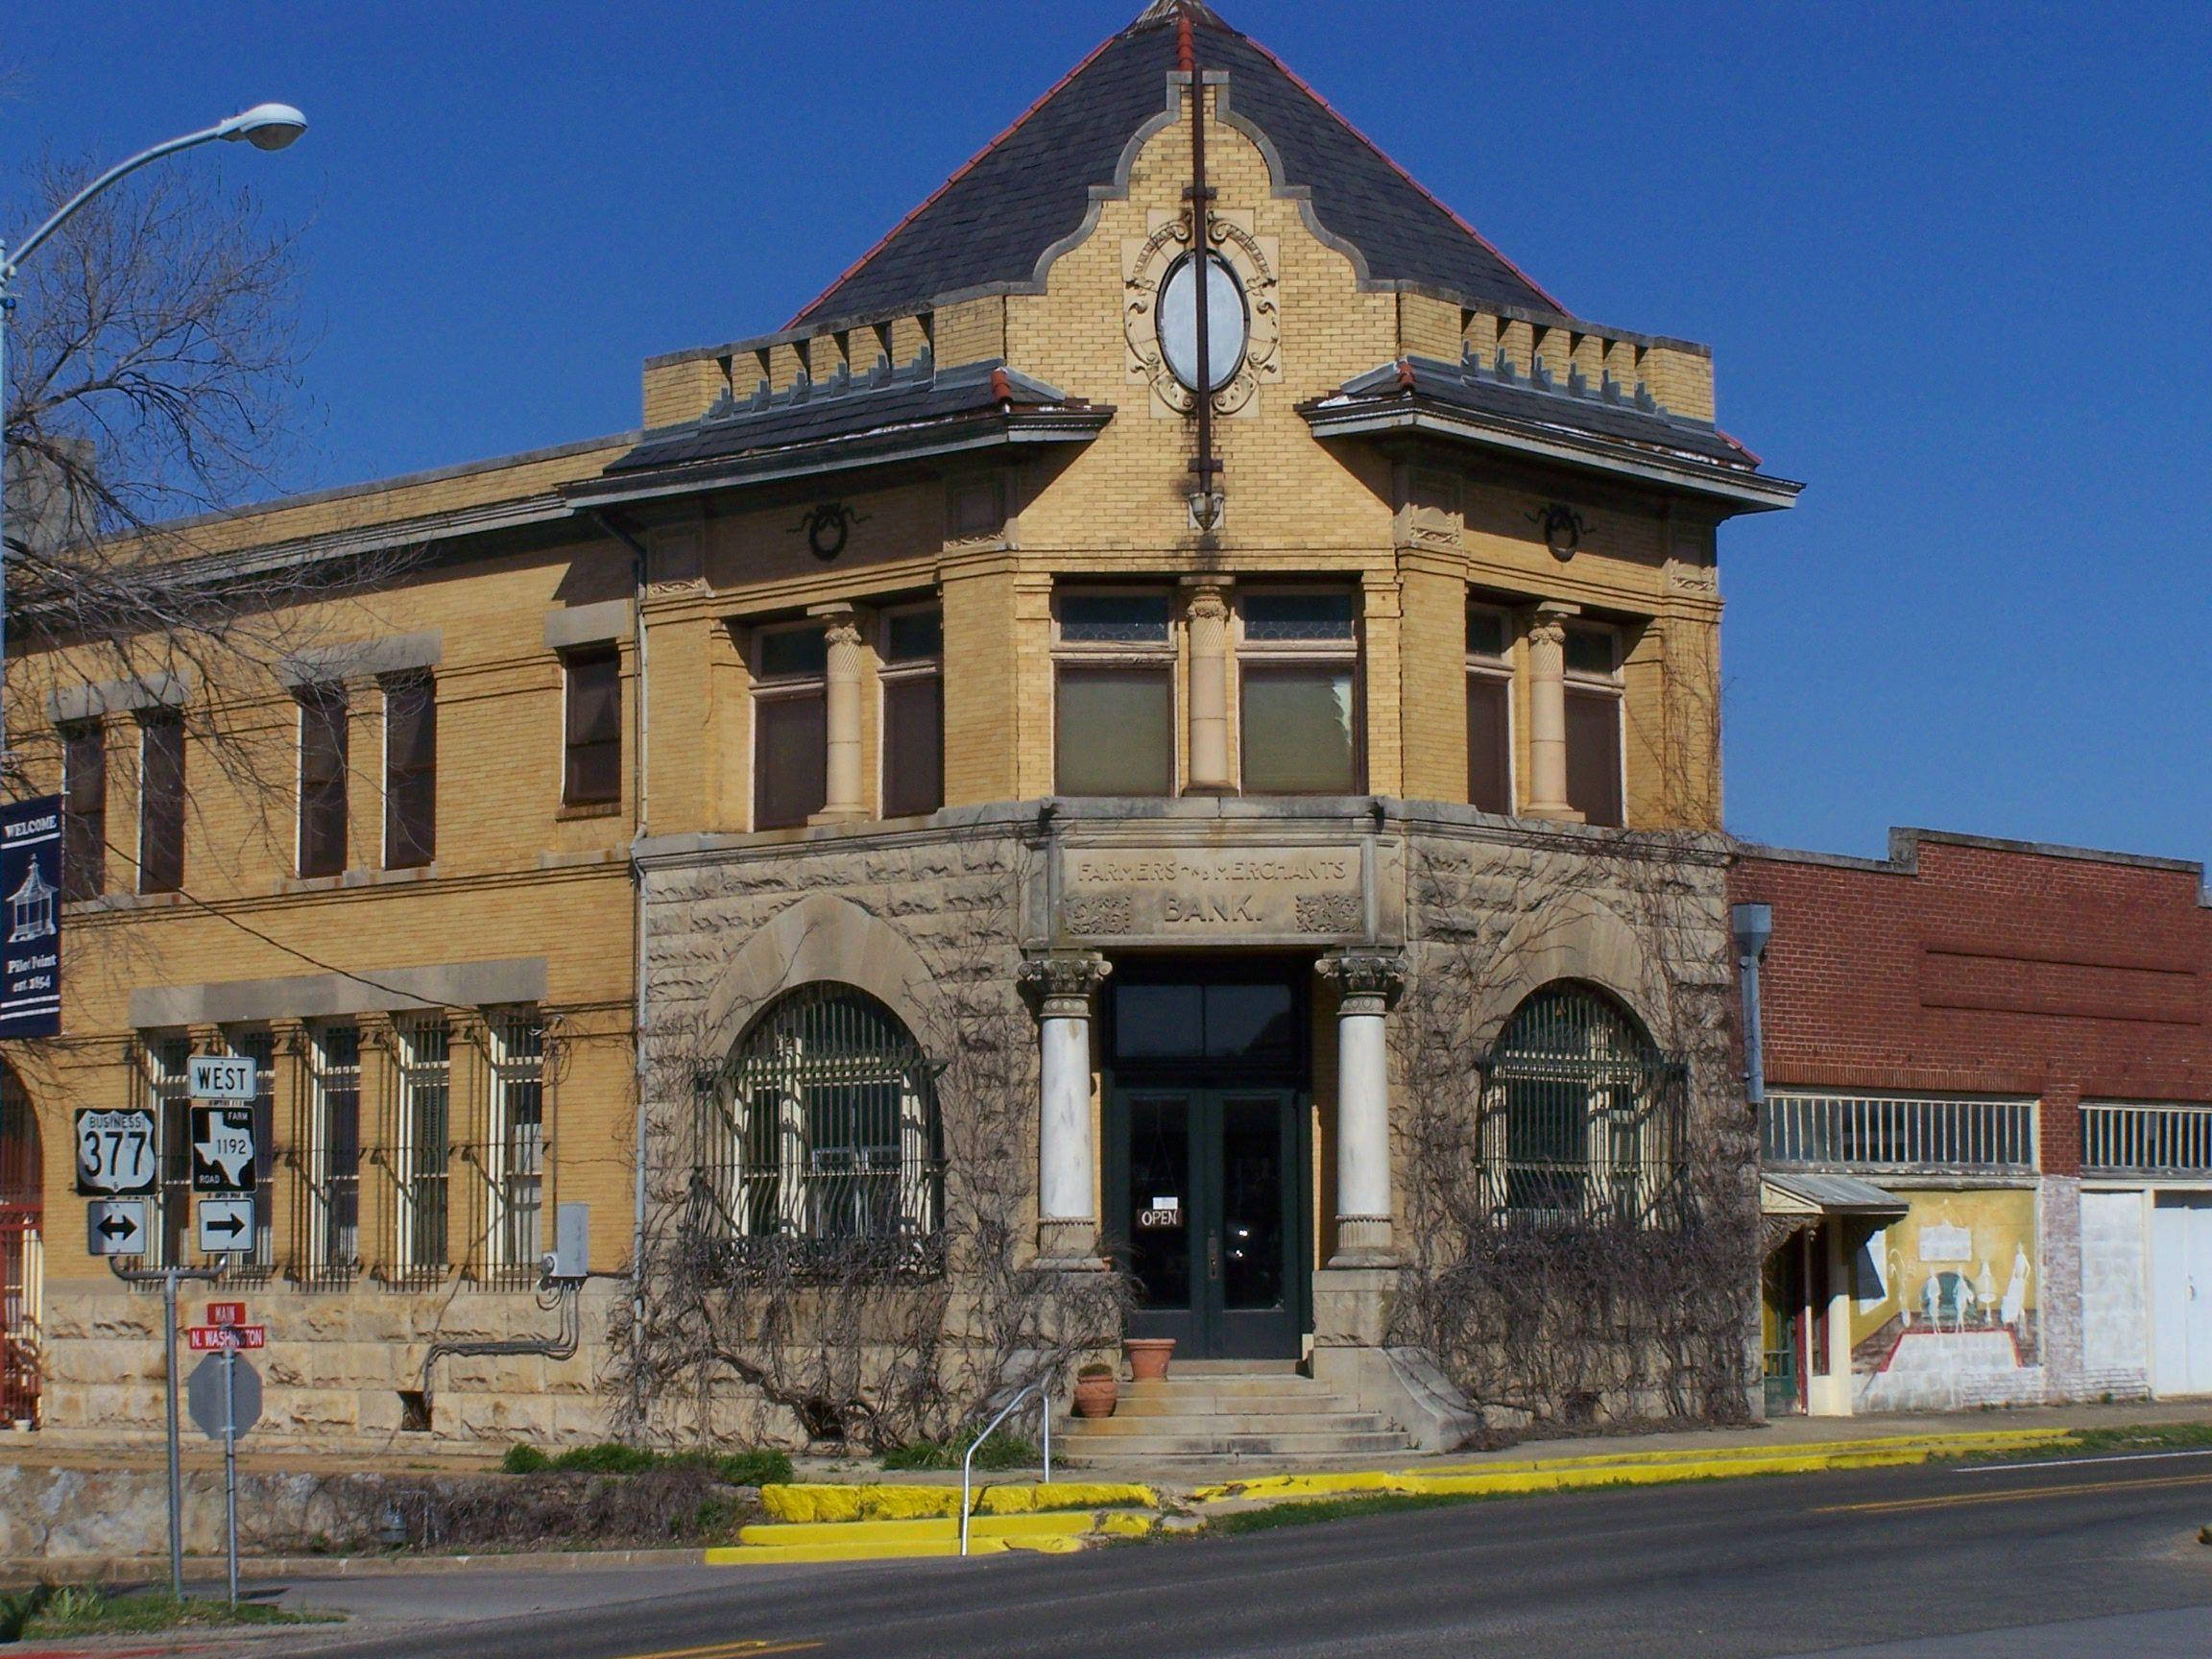 [Building] - Farmers and Merchants Bank - Pilot Point TX (est. 1899)